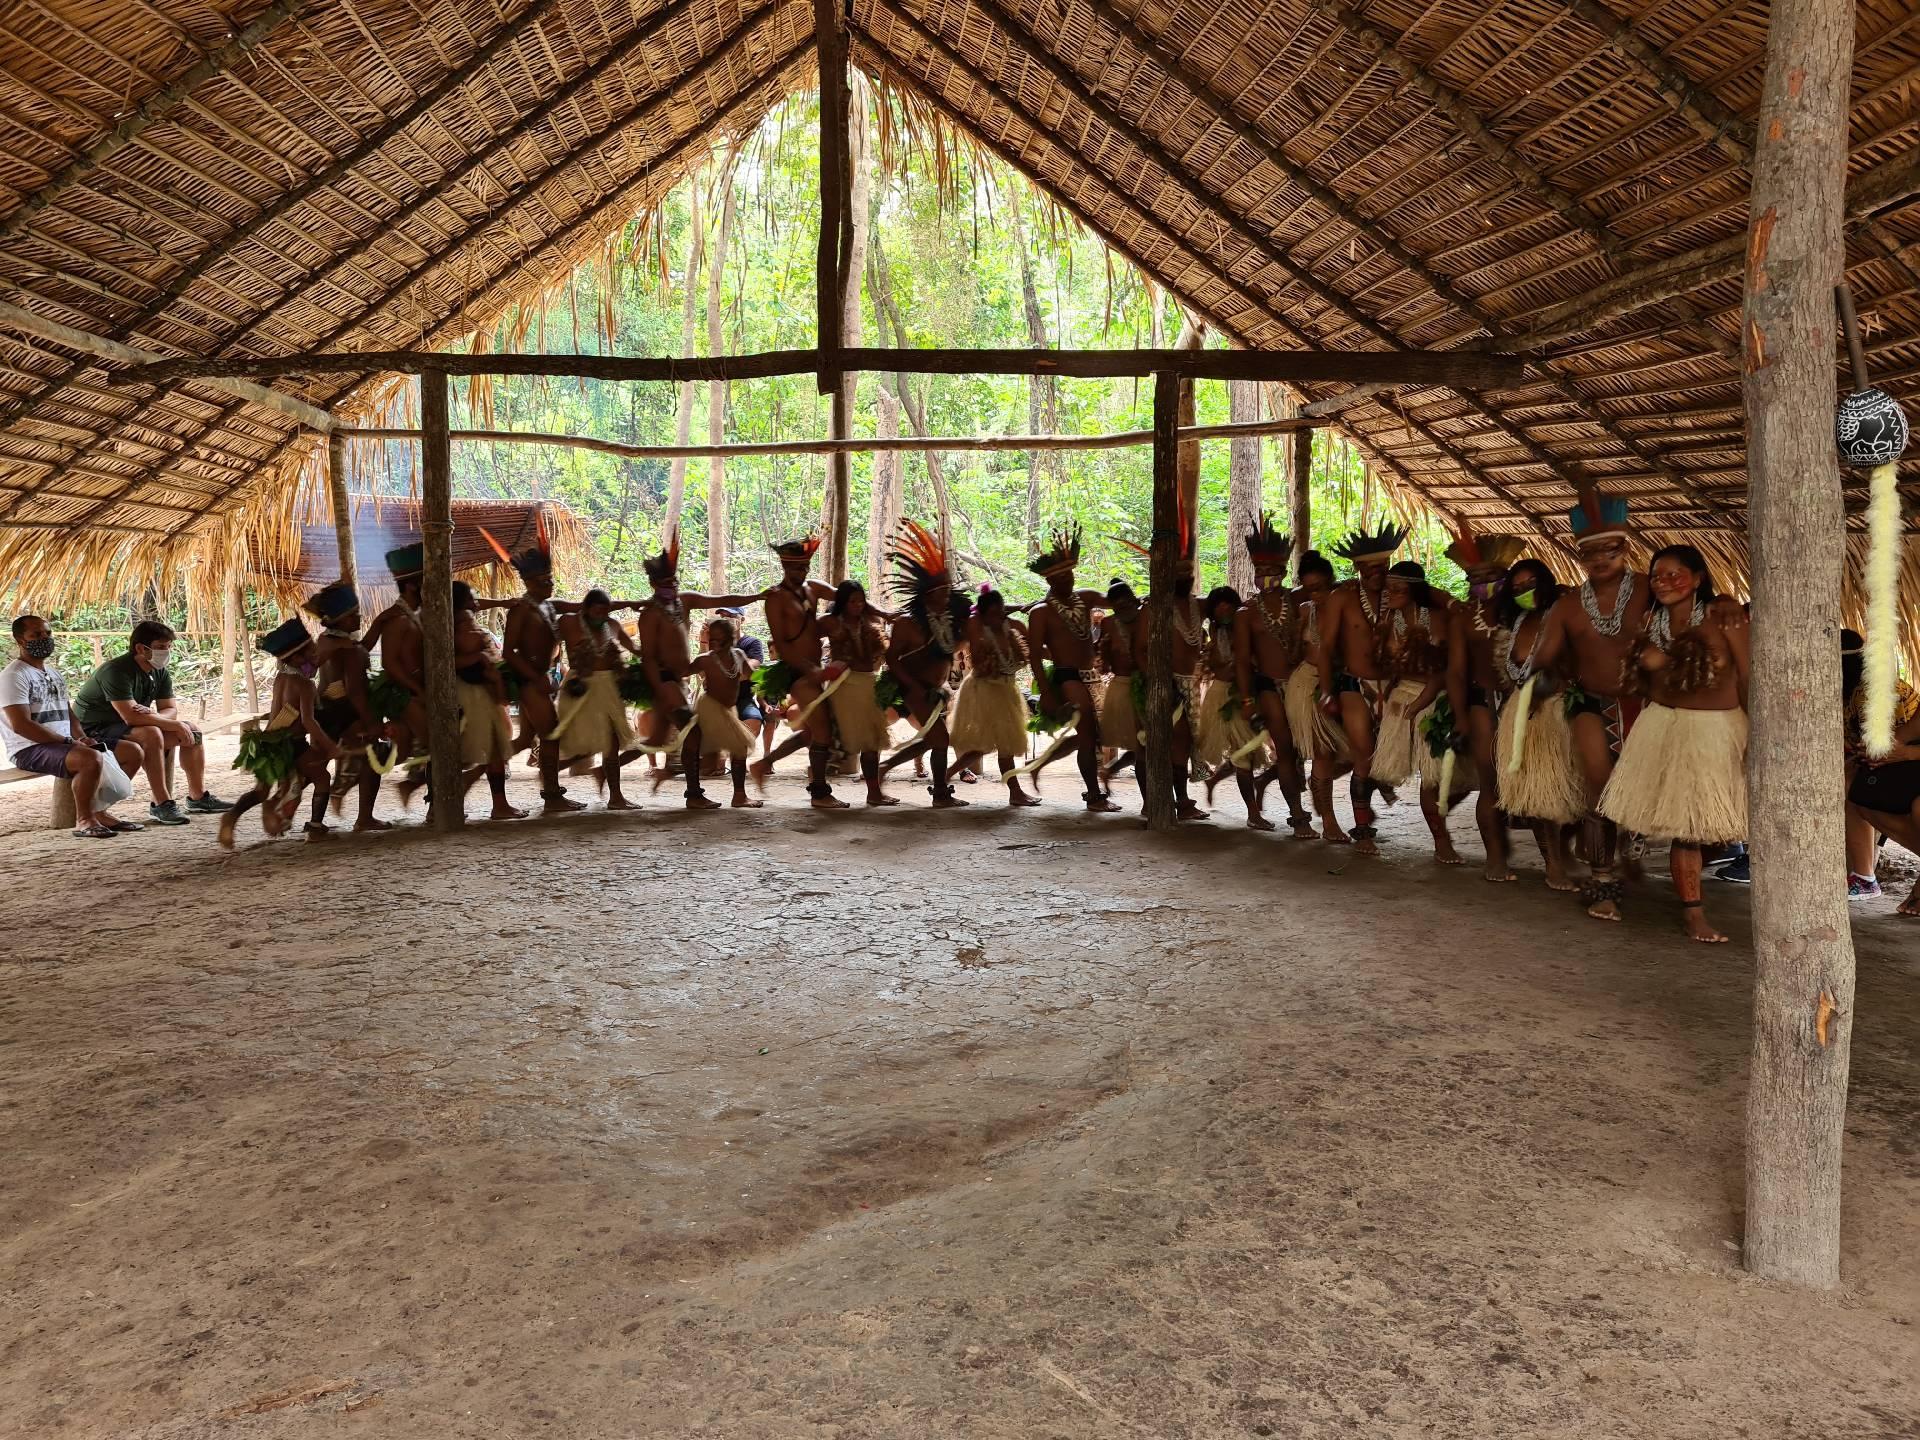 жители индейского племени водят хоровод